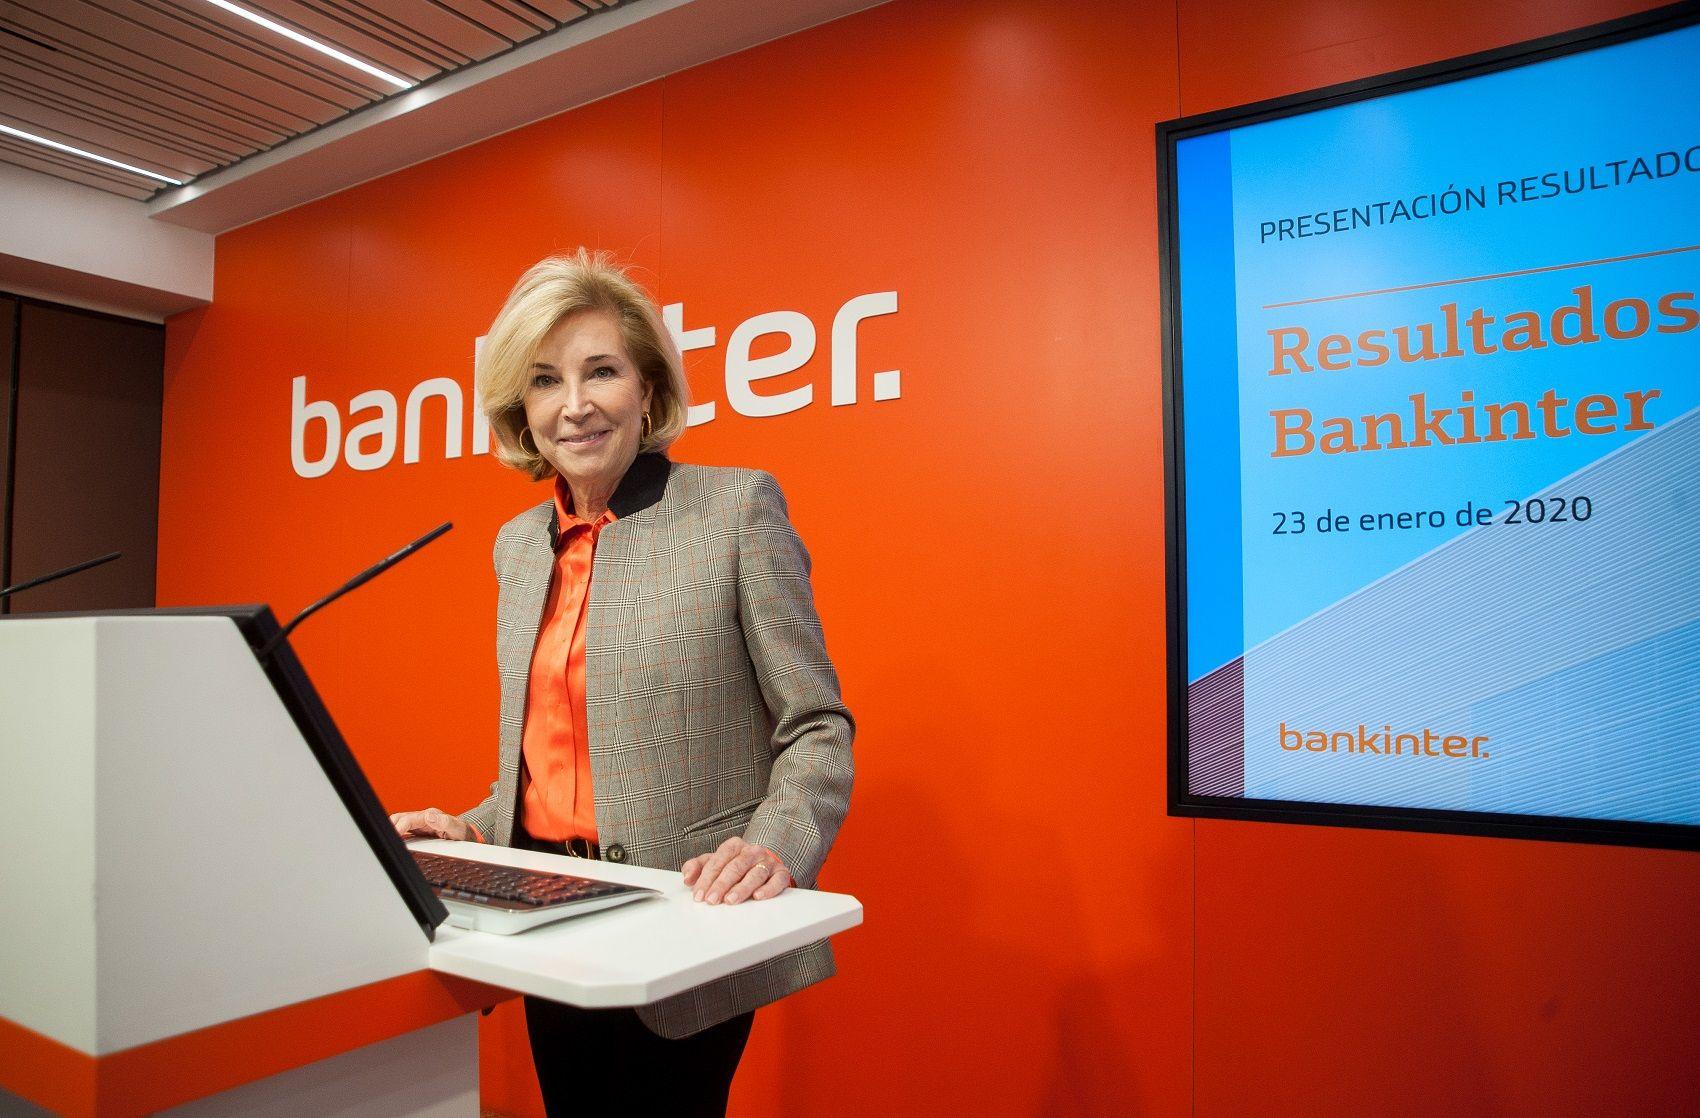 Finanzas personales: La banca premia la domiciliación de la nómina con hasta 480 euros en efectivo | Autor del artículo: Cristina Casillas